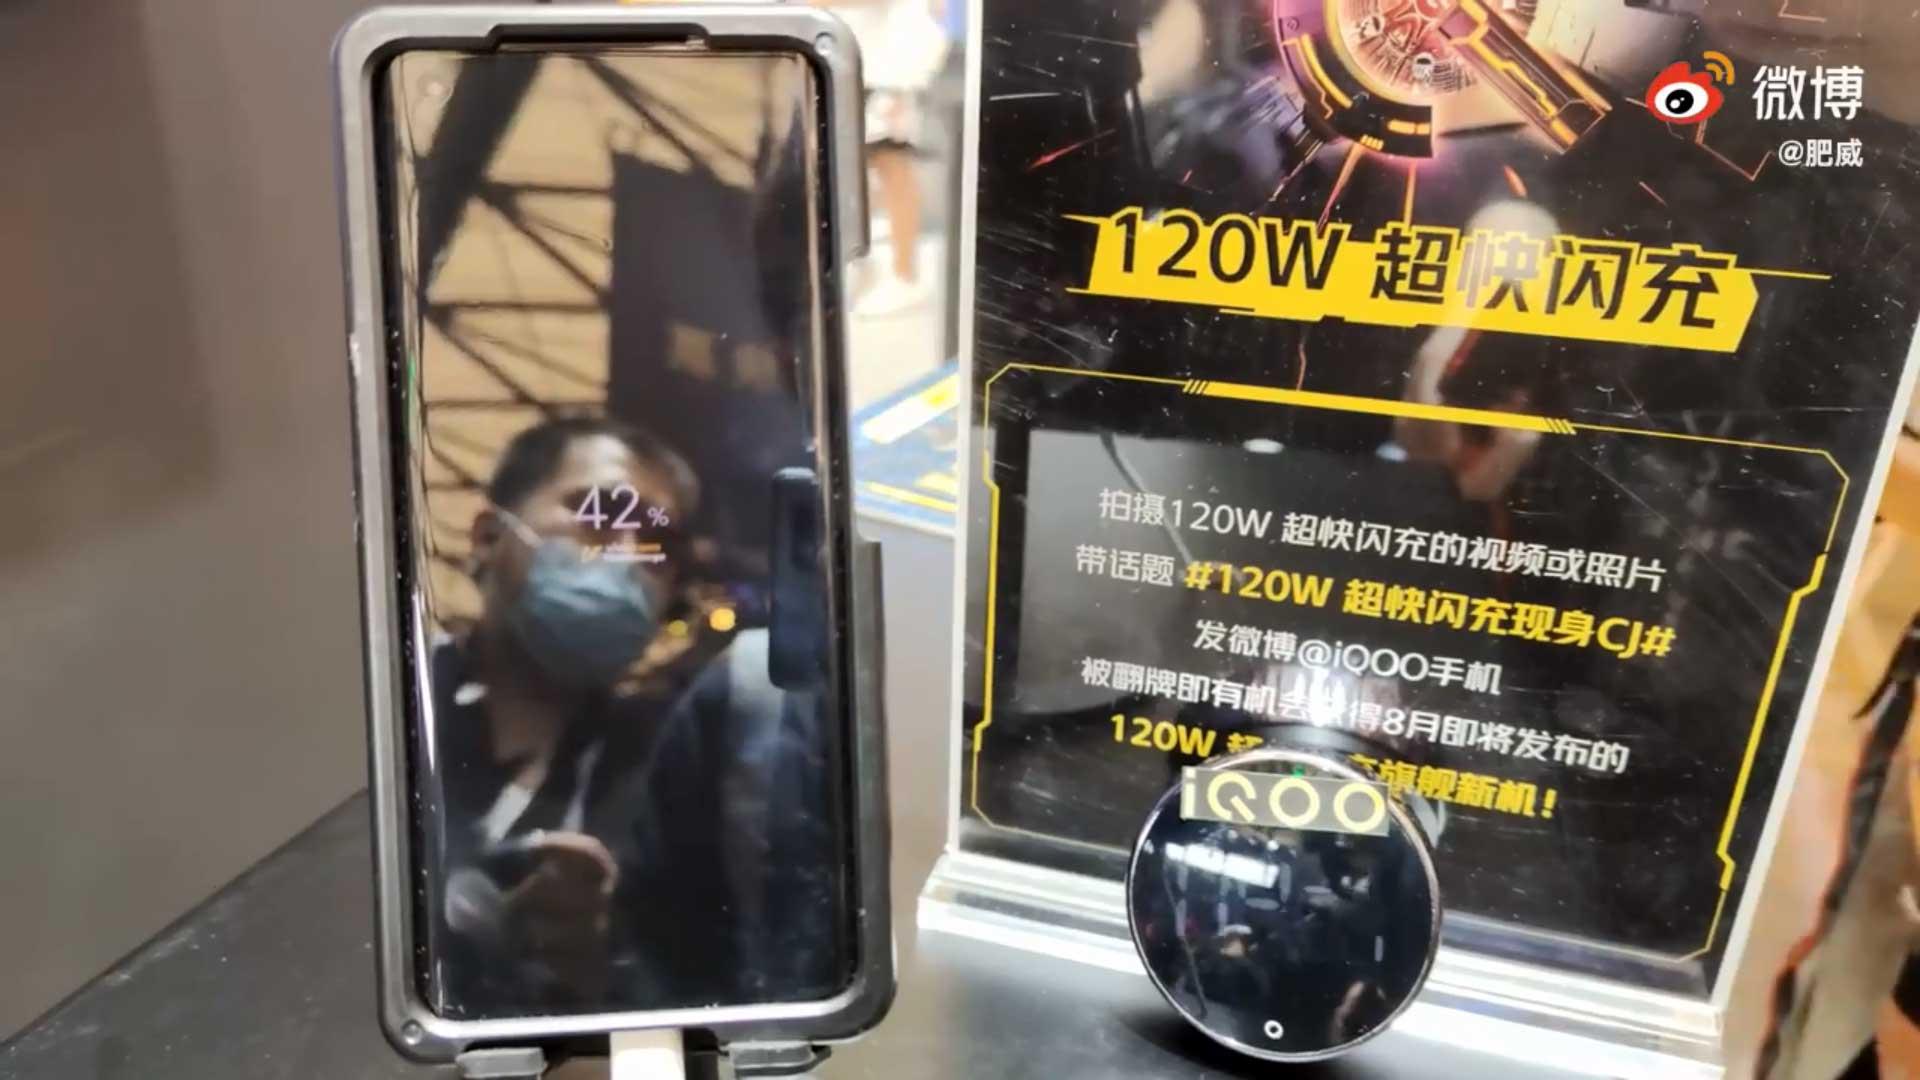 دمو شارژر ۱۲۰ وات iQOO را ببینید